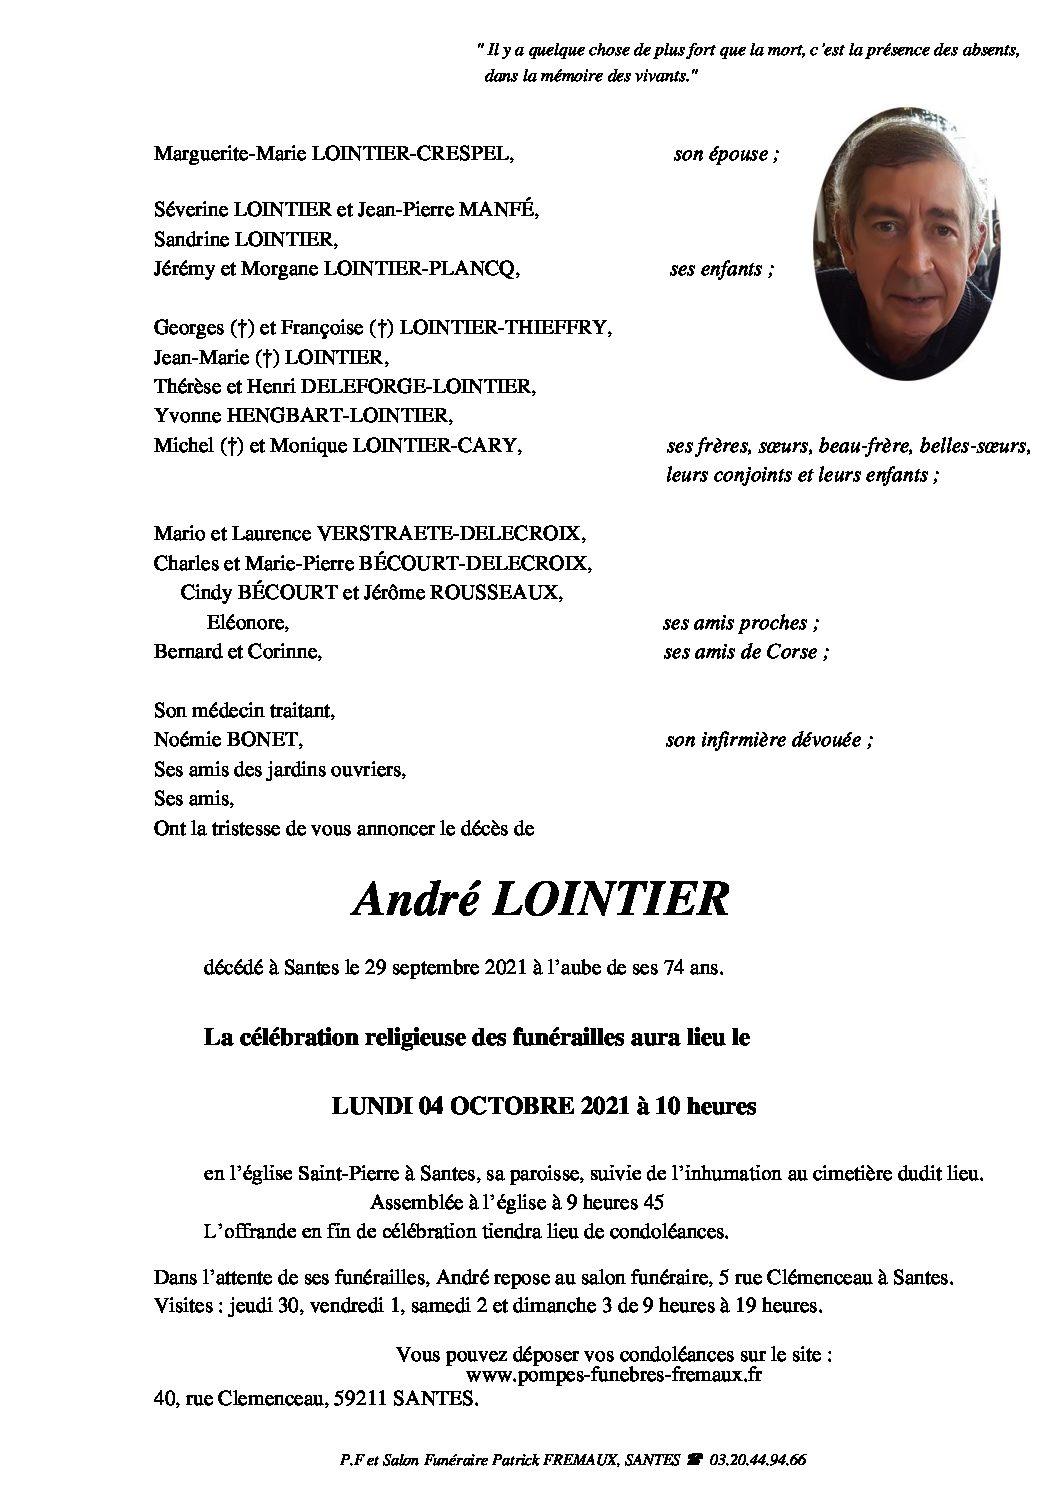 Monsieur André LOINTIER